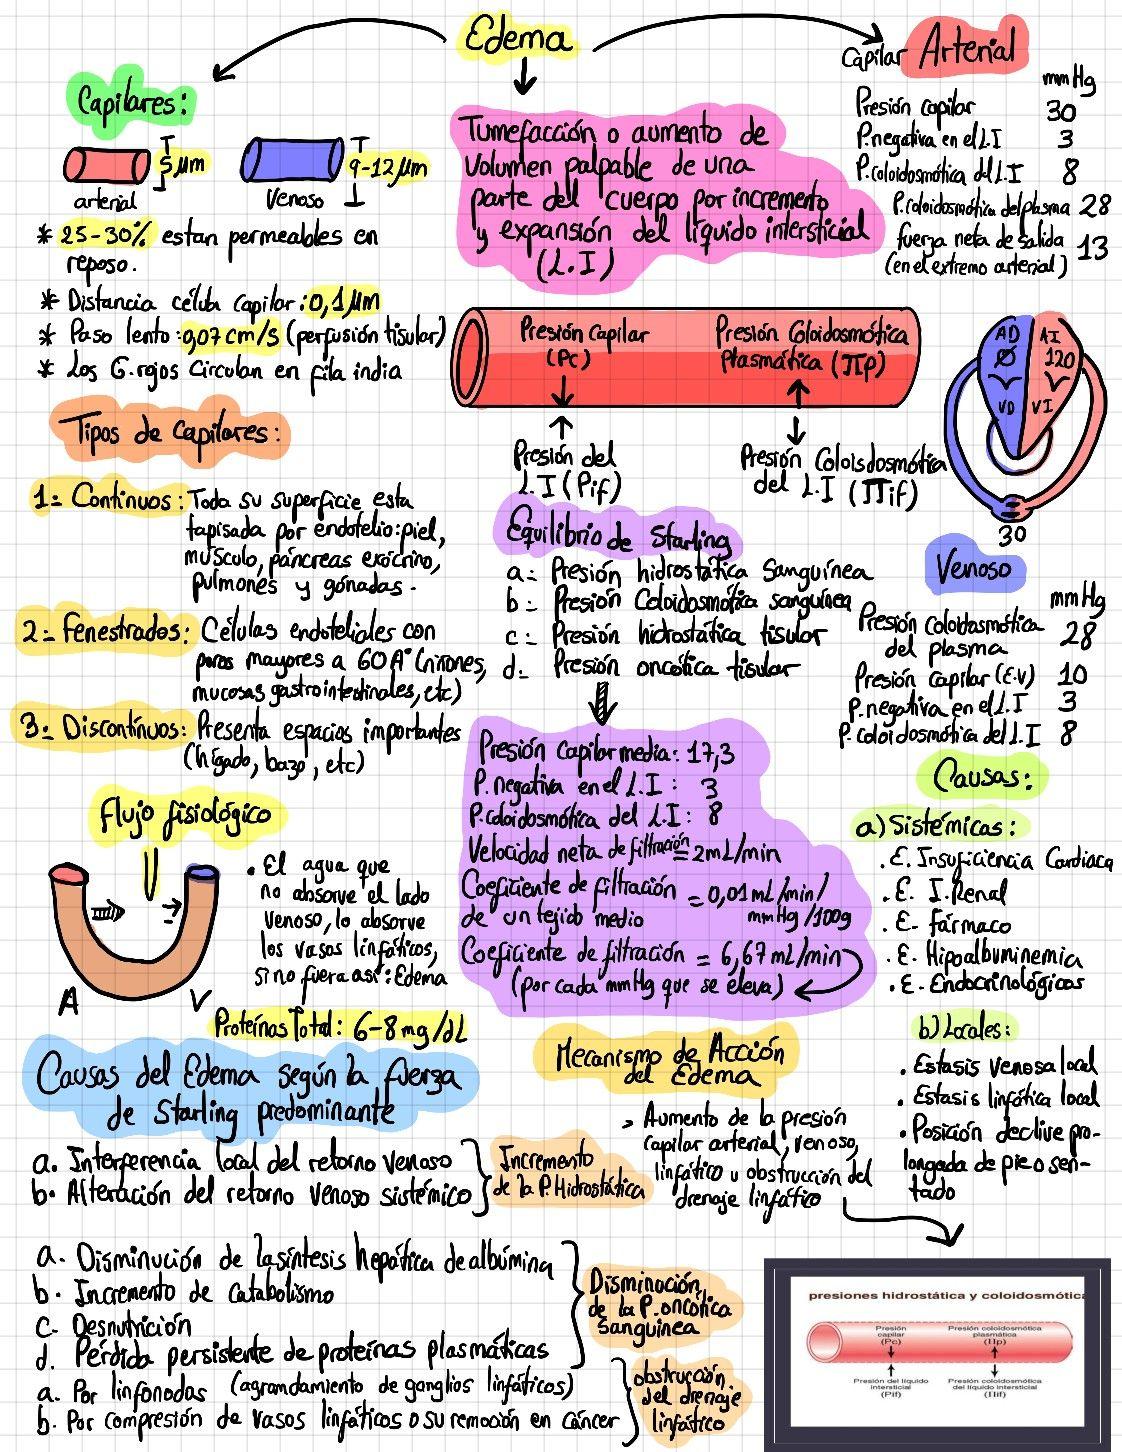 diabetes anatomia del corazon diapositivas